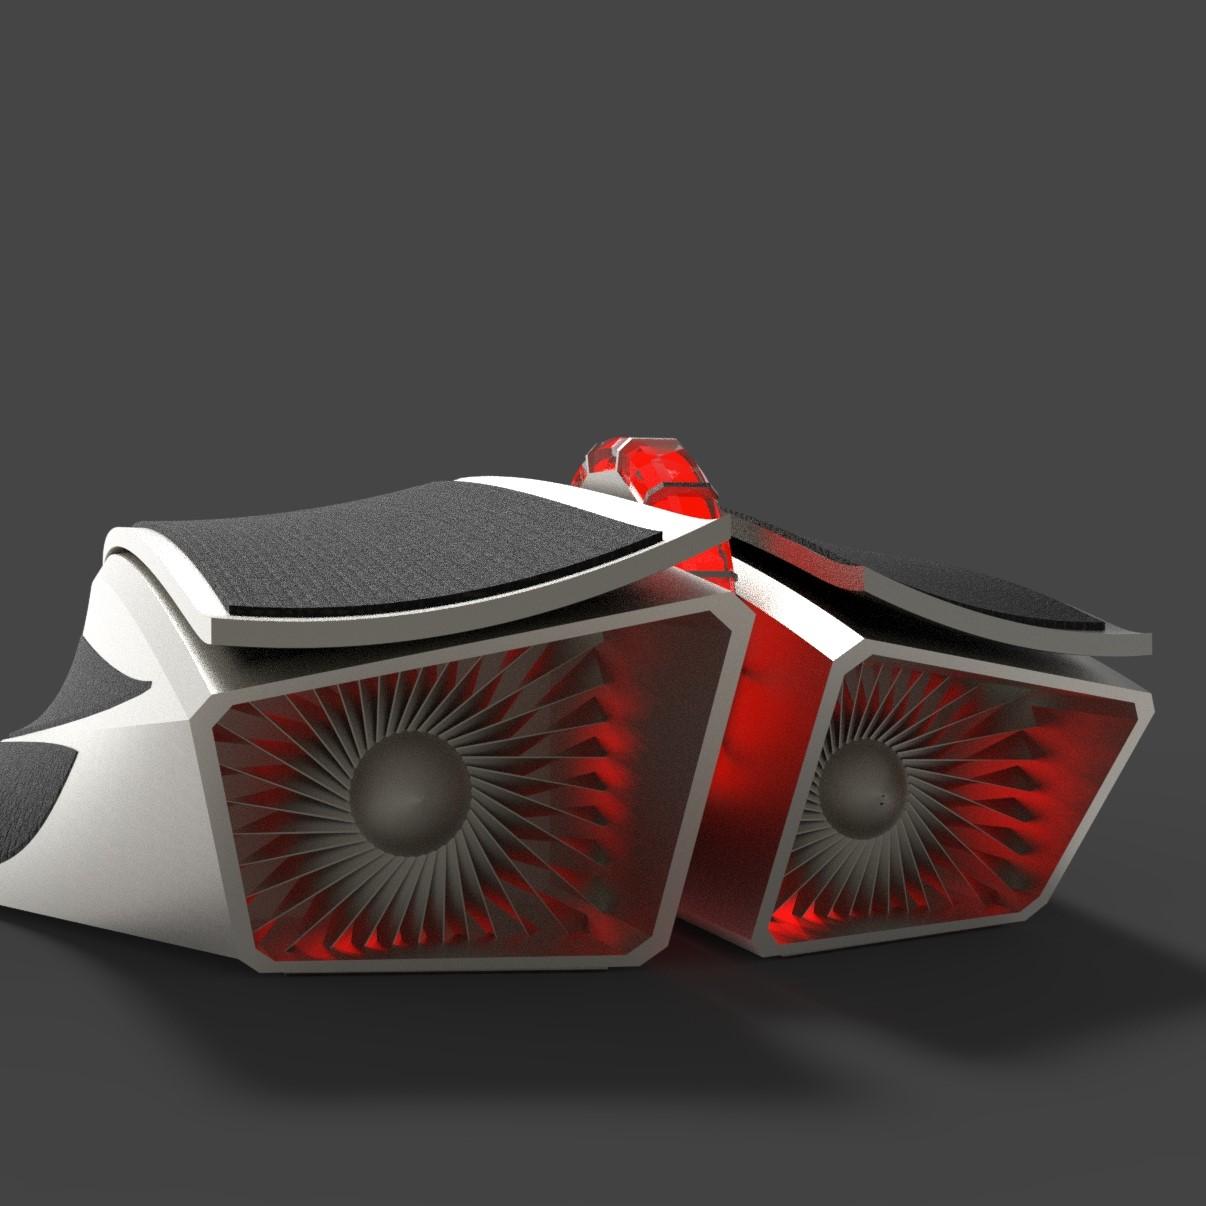 Game mouse industrial design 3d model of jet engine element